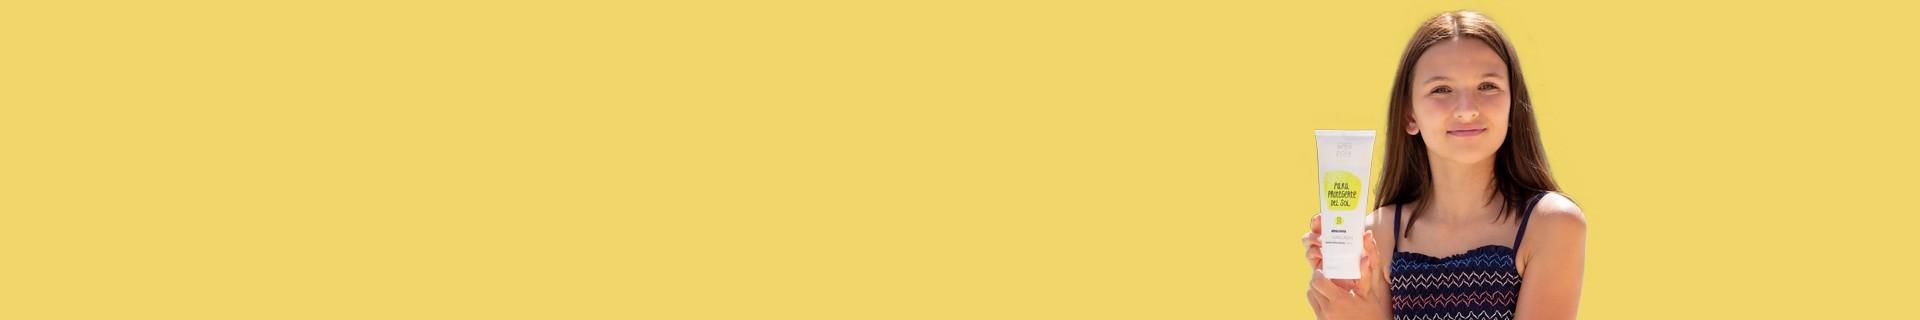 Crème solaire naturelle pour le corps - Protection solaire sans filtres chimiques